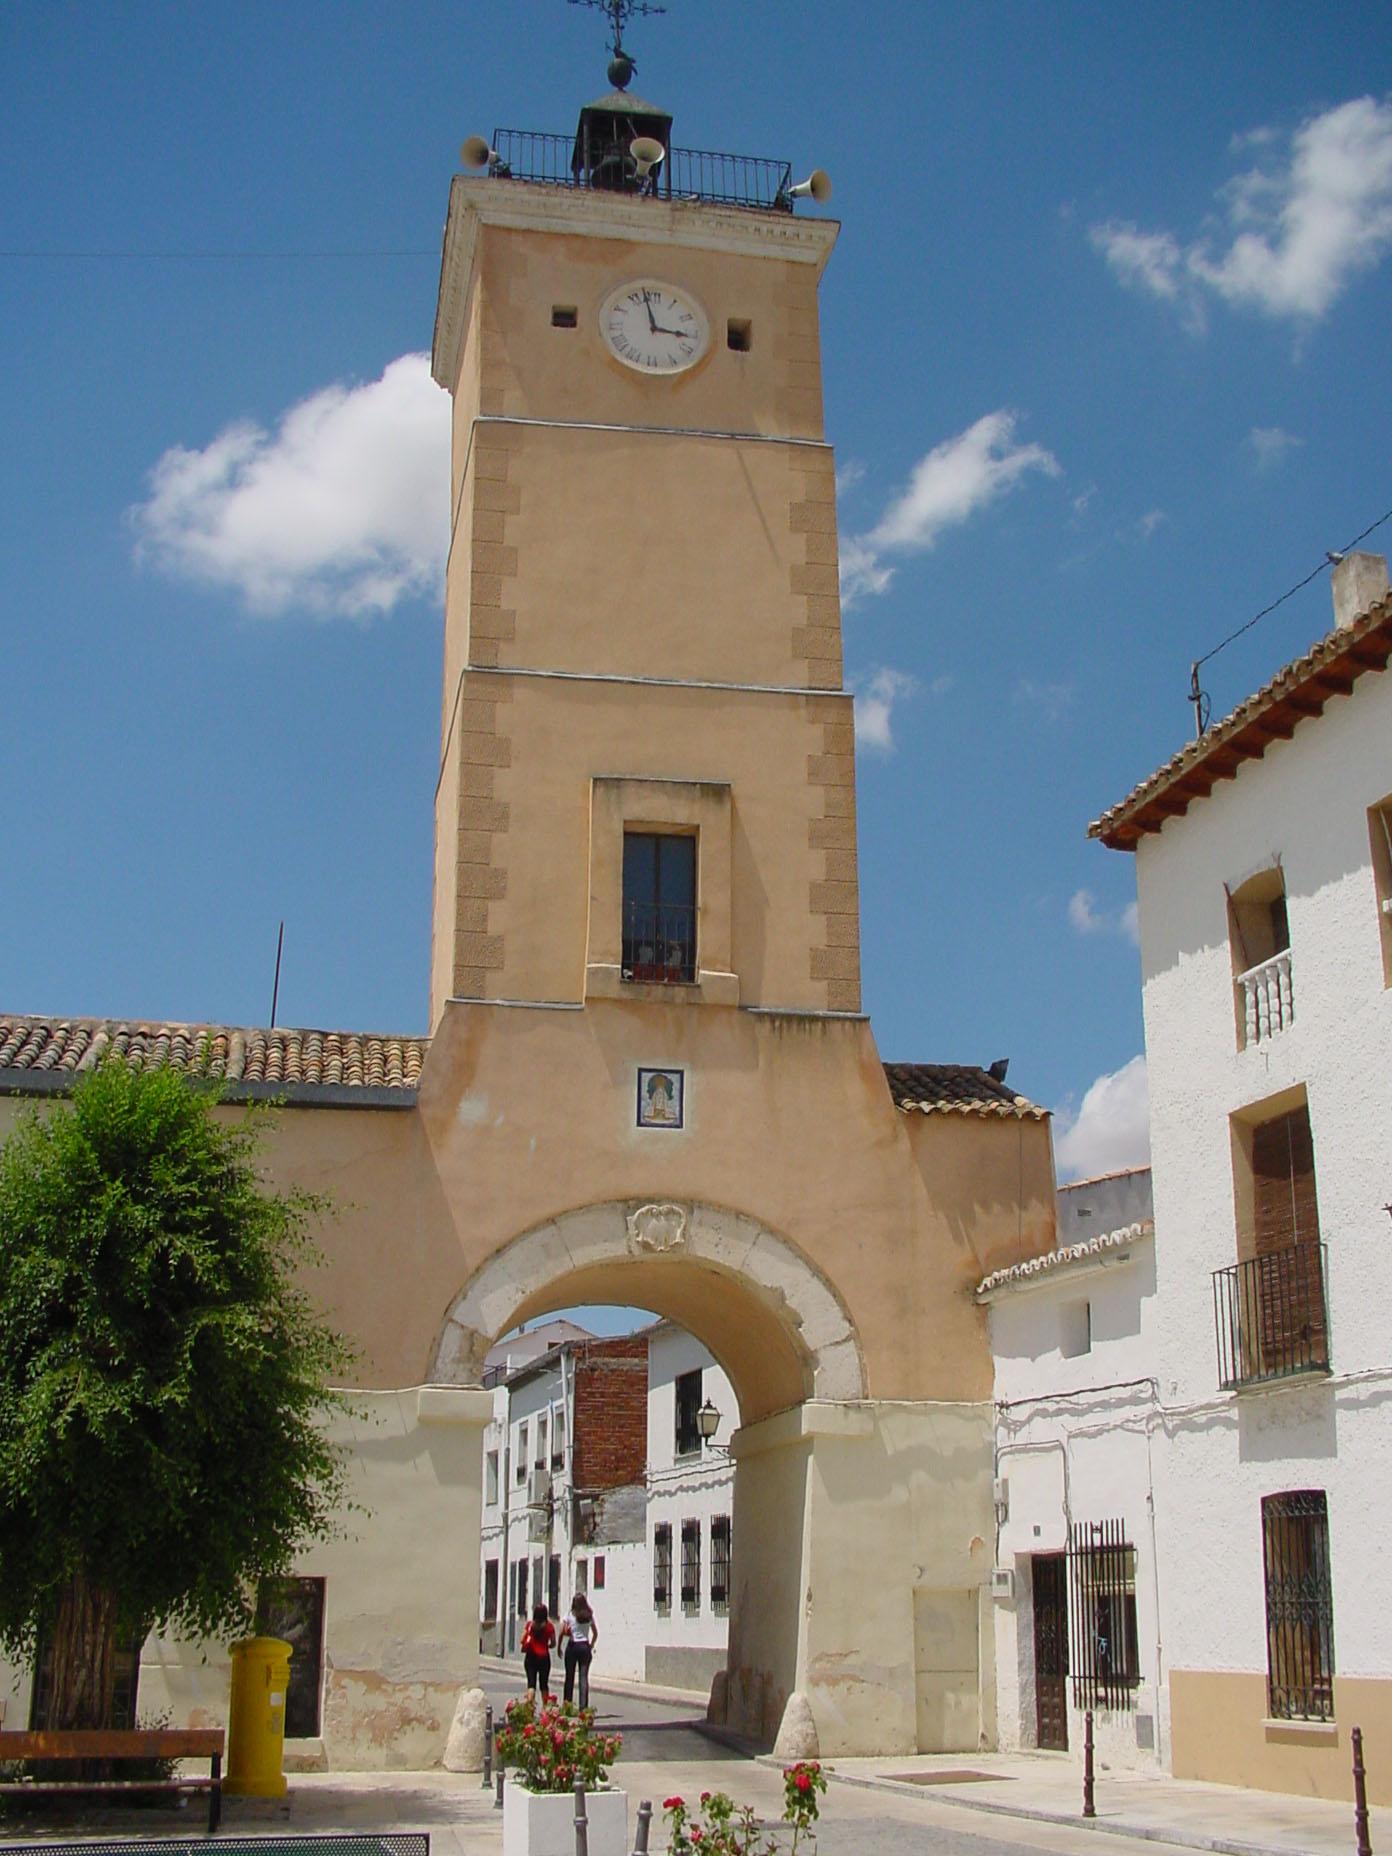 Torre del Reloj de Fuentidueña del Tajo